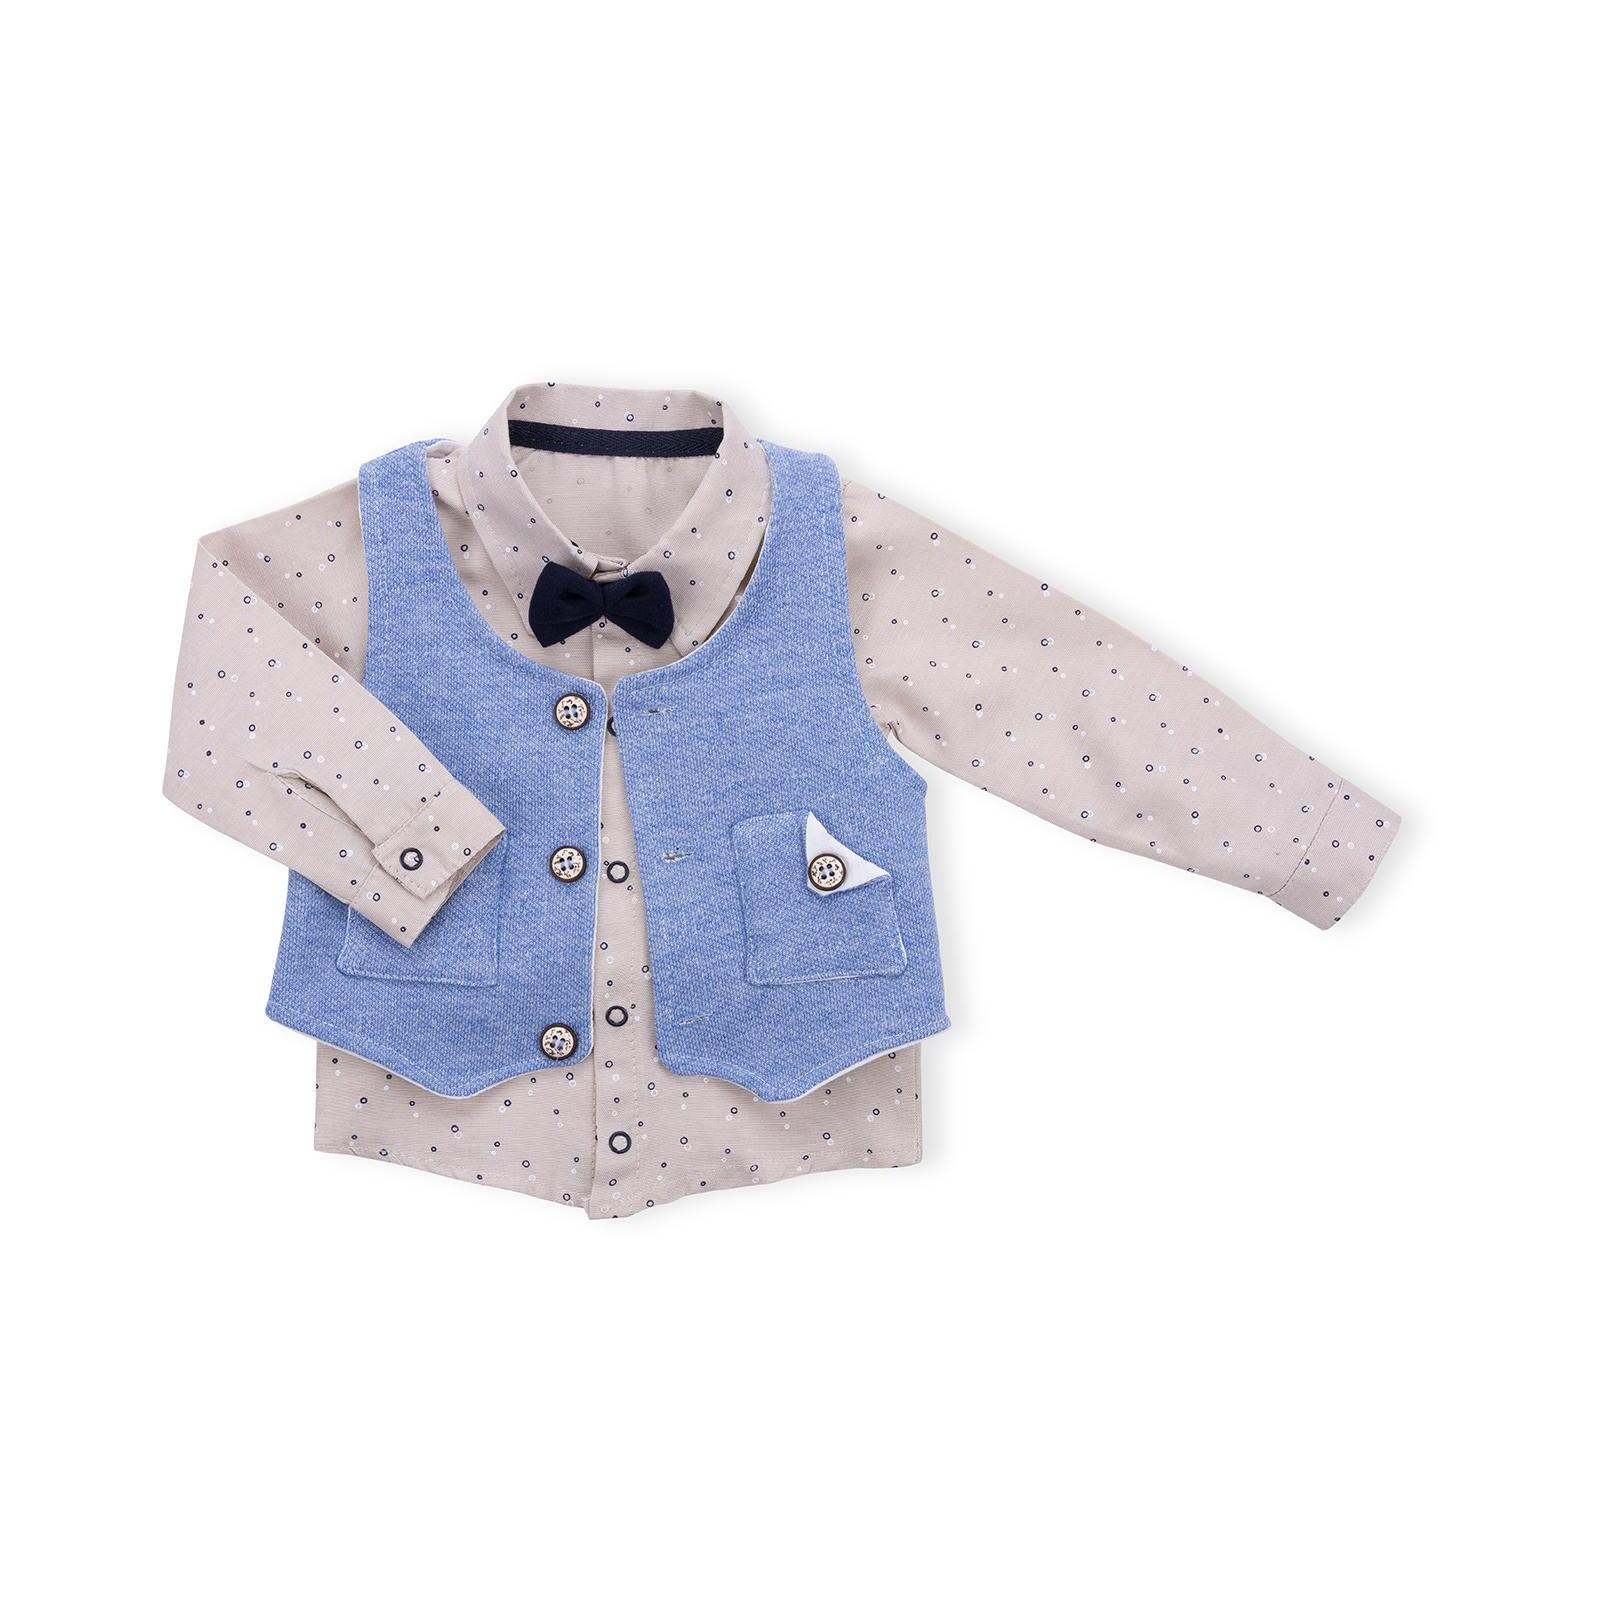 Набор детской одежды Necix's тройка с жилетом (9082-9B-blue) изображение 2